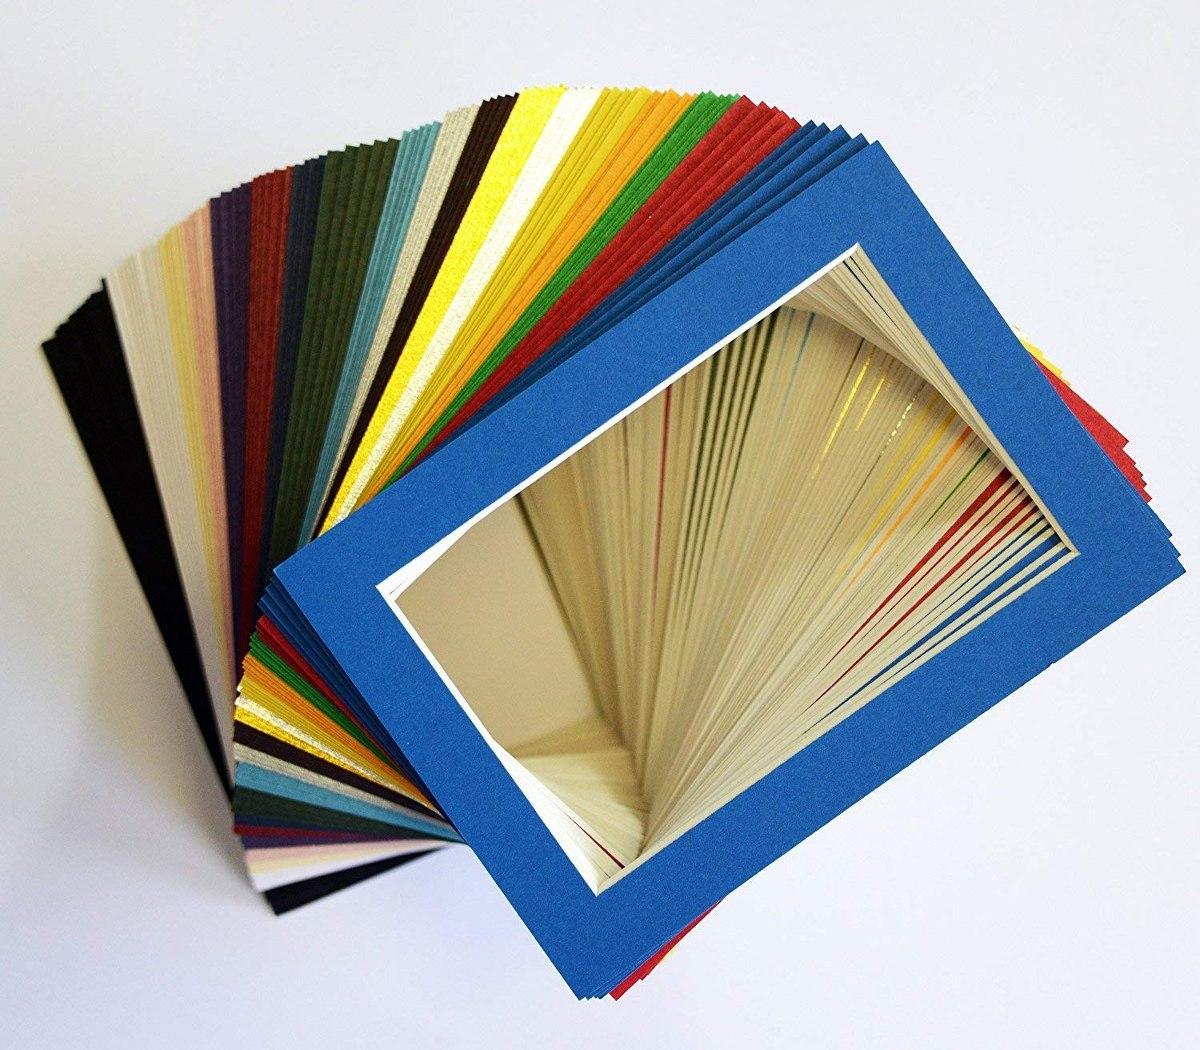 Pack De 100 Juegos De 5x7 Colores Mezclados Cuadro Mats Matt ...